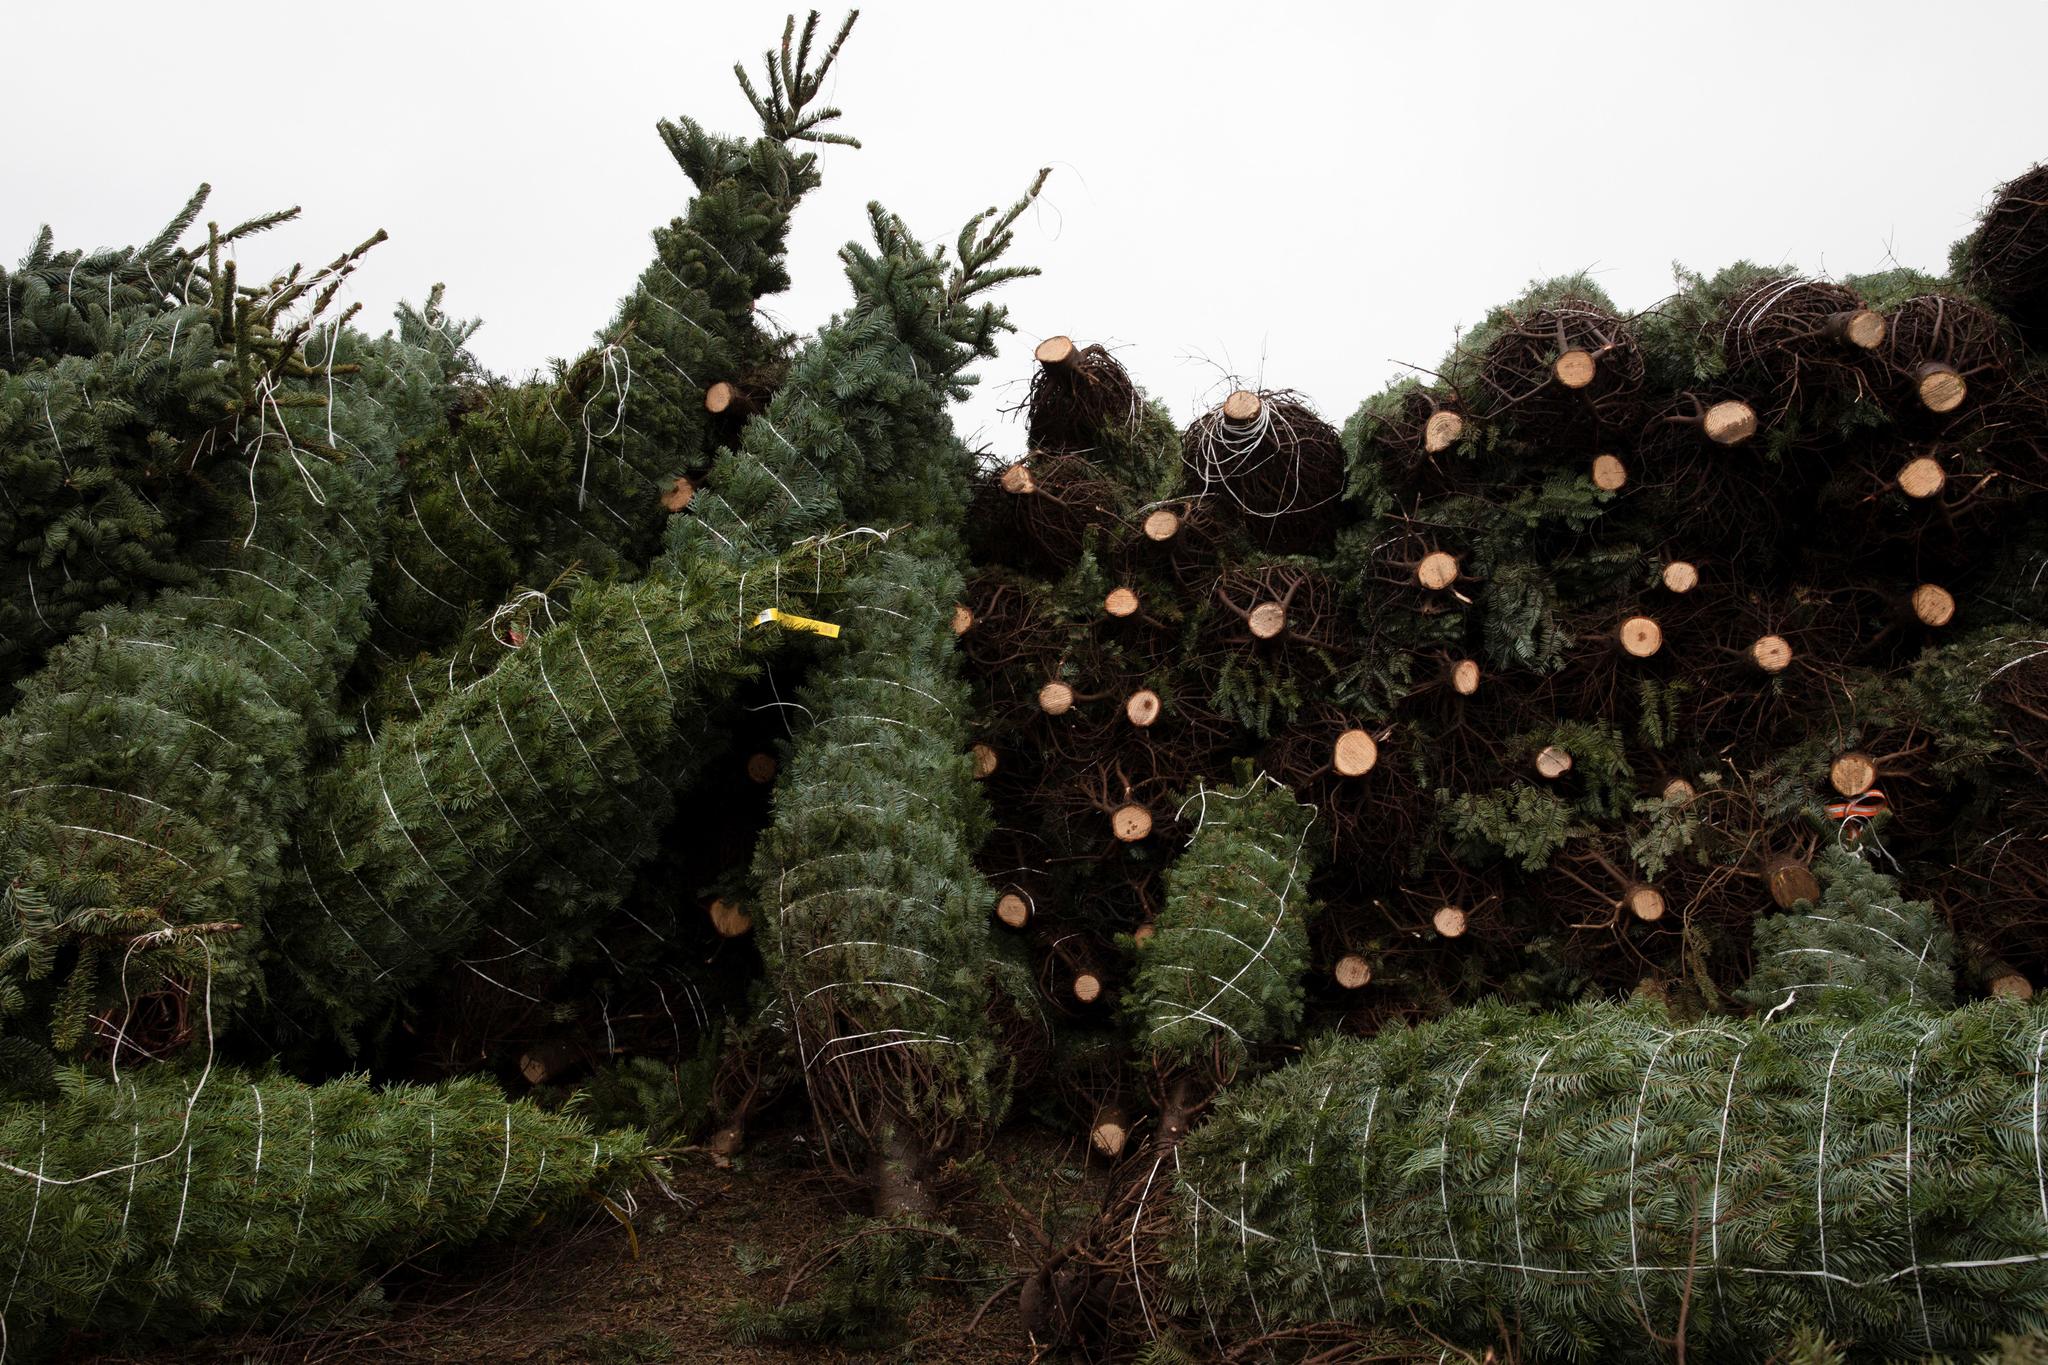 미국 오리건주 노블마운틴 트리 팜에서 생산한 크리스마스 트리가 29일(현지시간) 벌채돼 출하를 기다리고 있다. 노블 마운틴 나무 농장은 세계 최대의 크리스마스 트리 생산지로 매년 약 50만개의 크리스마스 트리를 판매한다. 로이터=연합뉴스